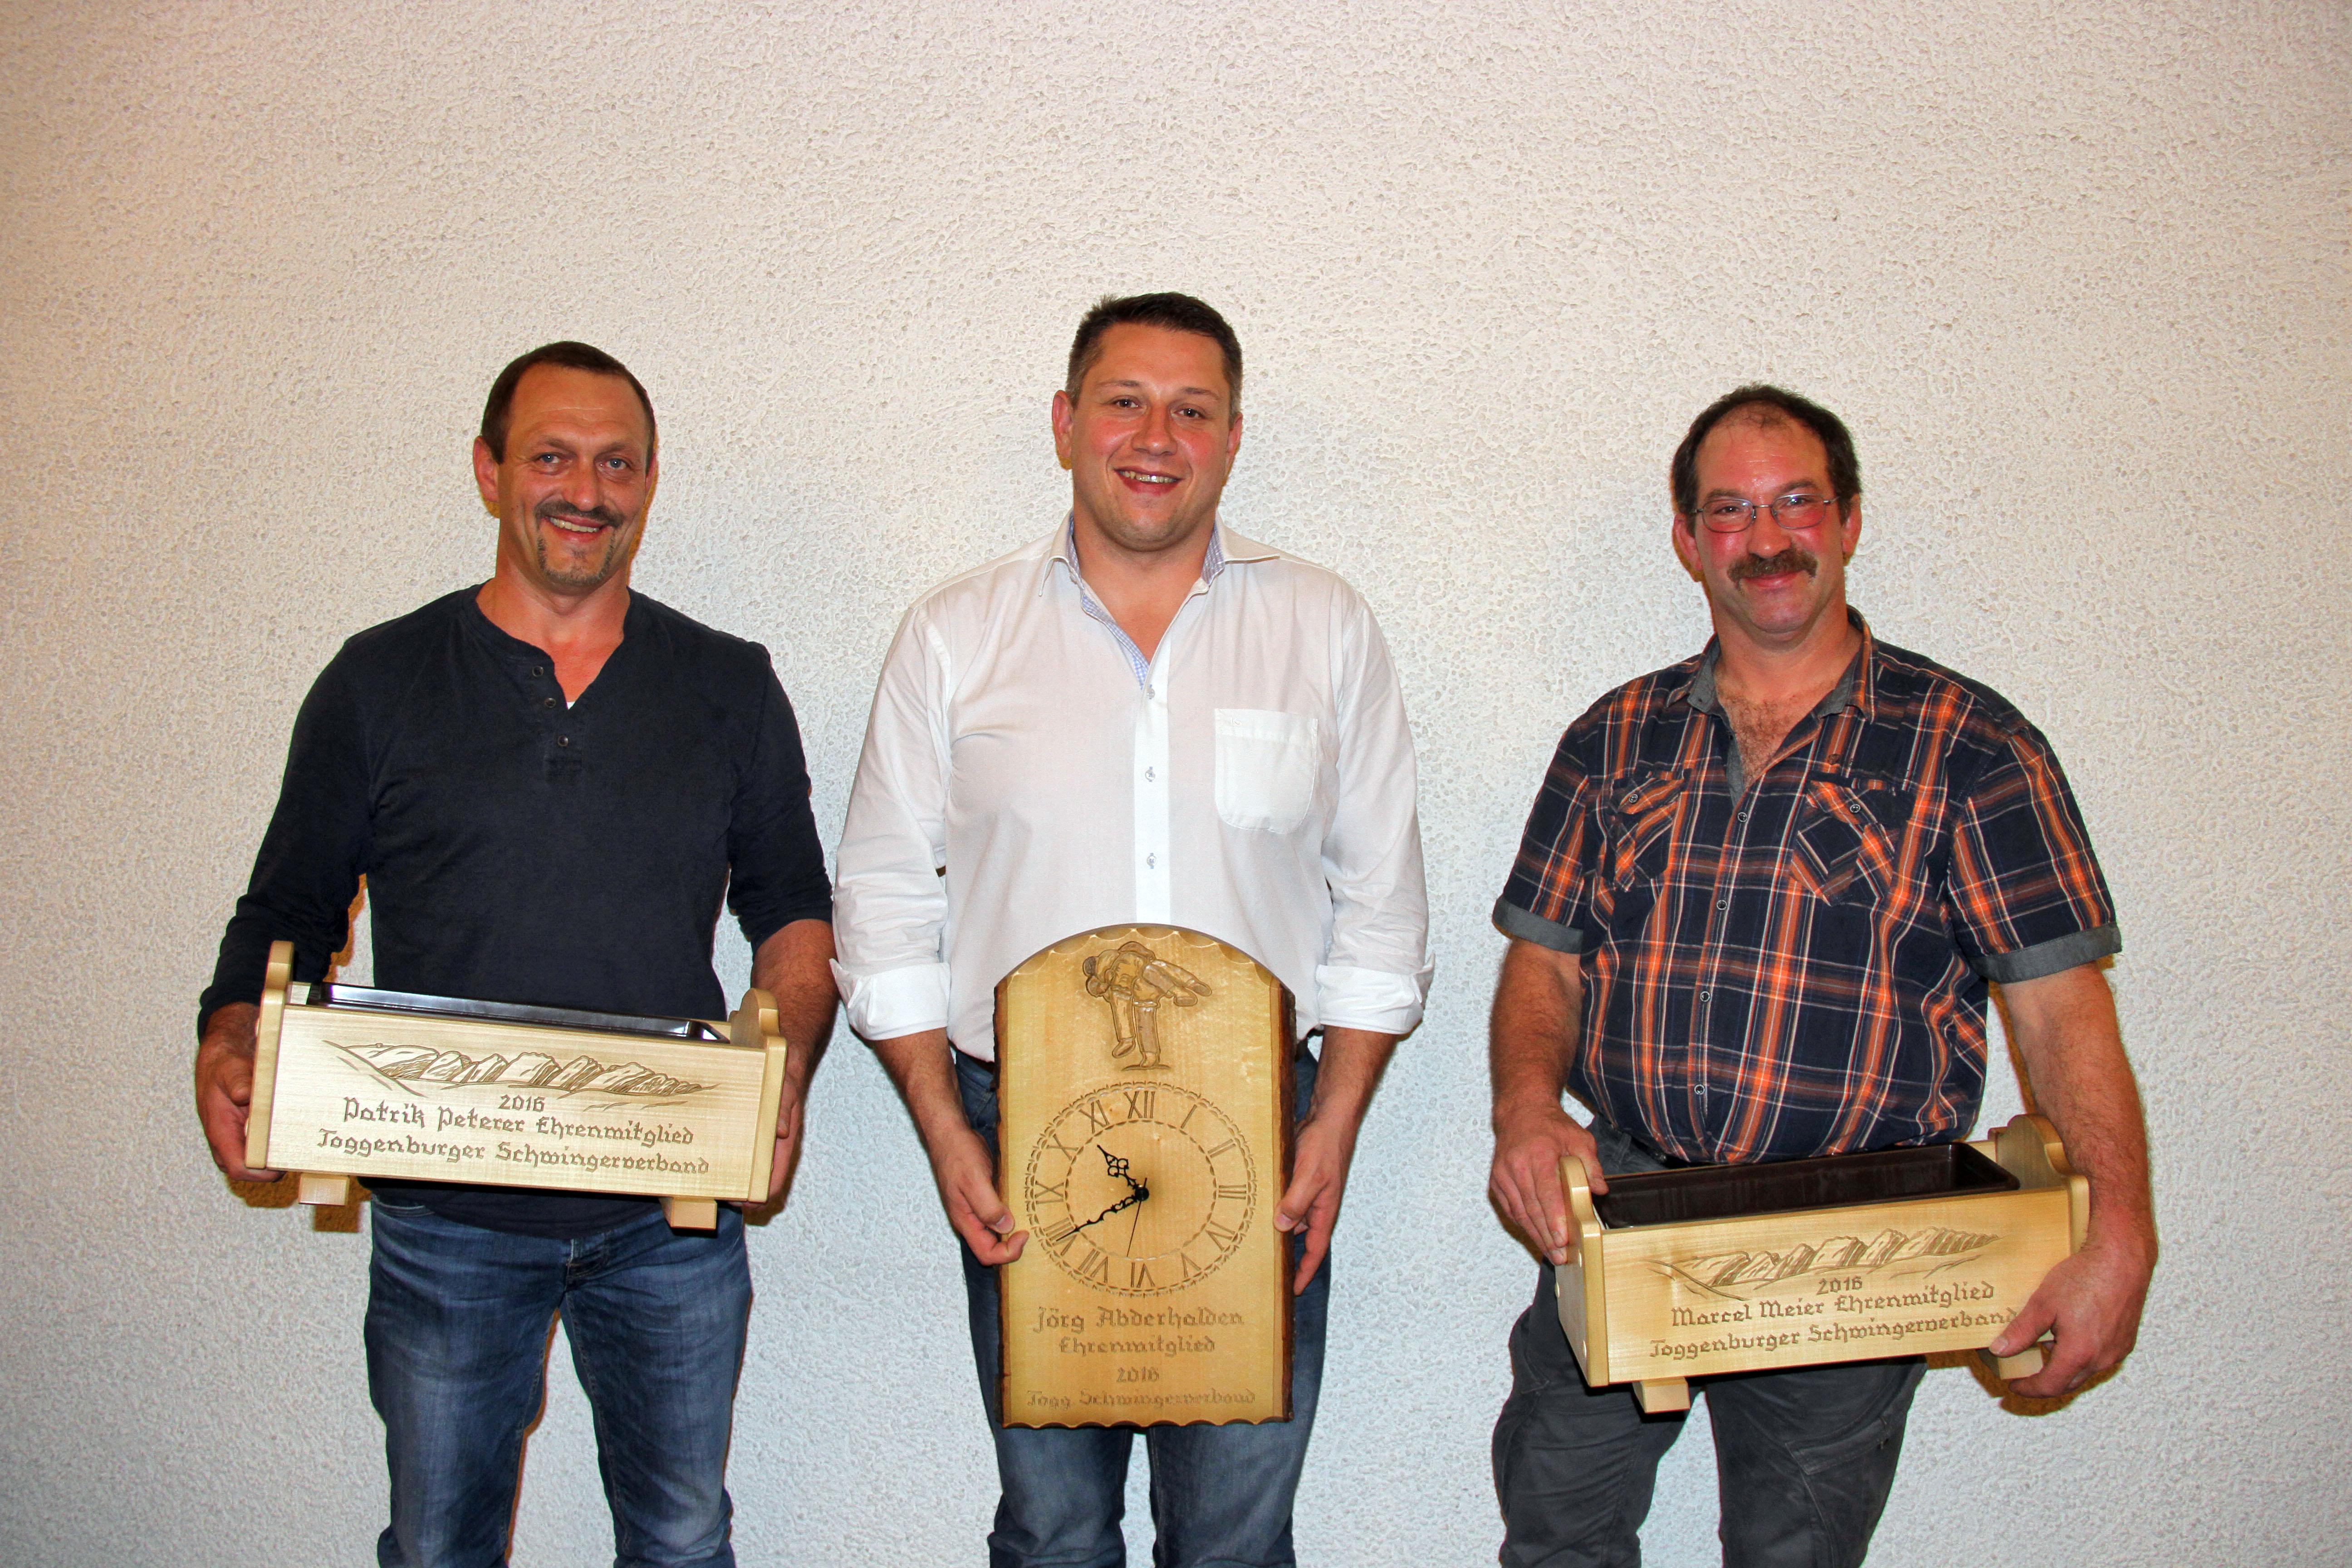 Patrik Peterer, Jörg Abderhalden und Marcel Meier heissen die neuen Ehrenmitglieder Foto: Pascal Schönenberger